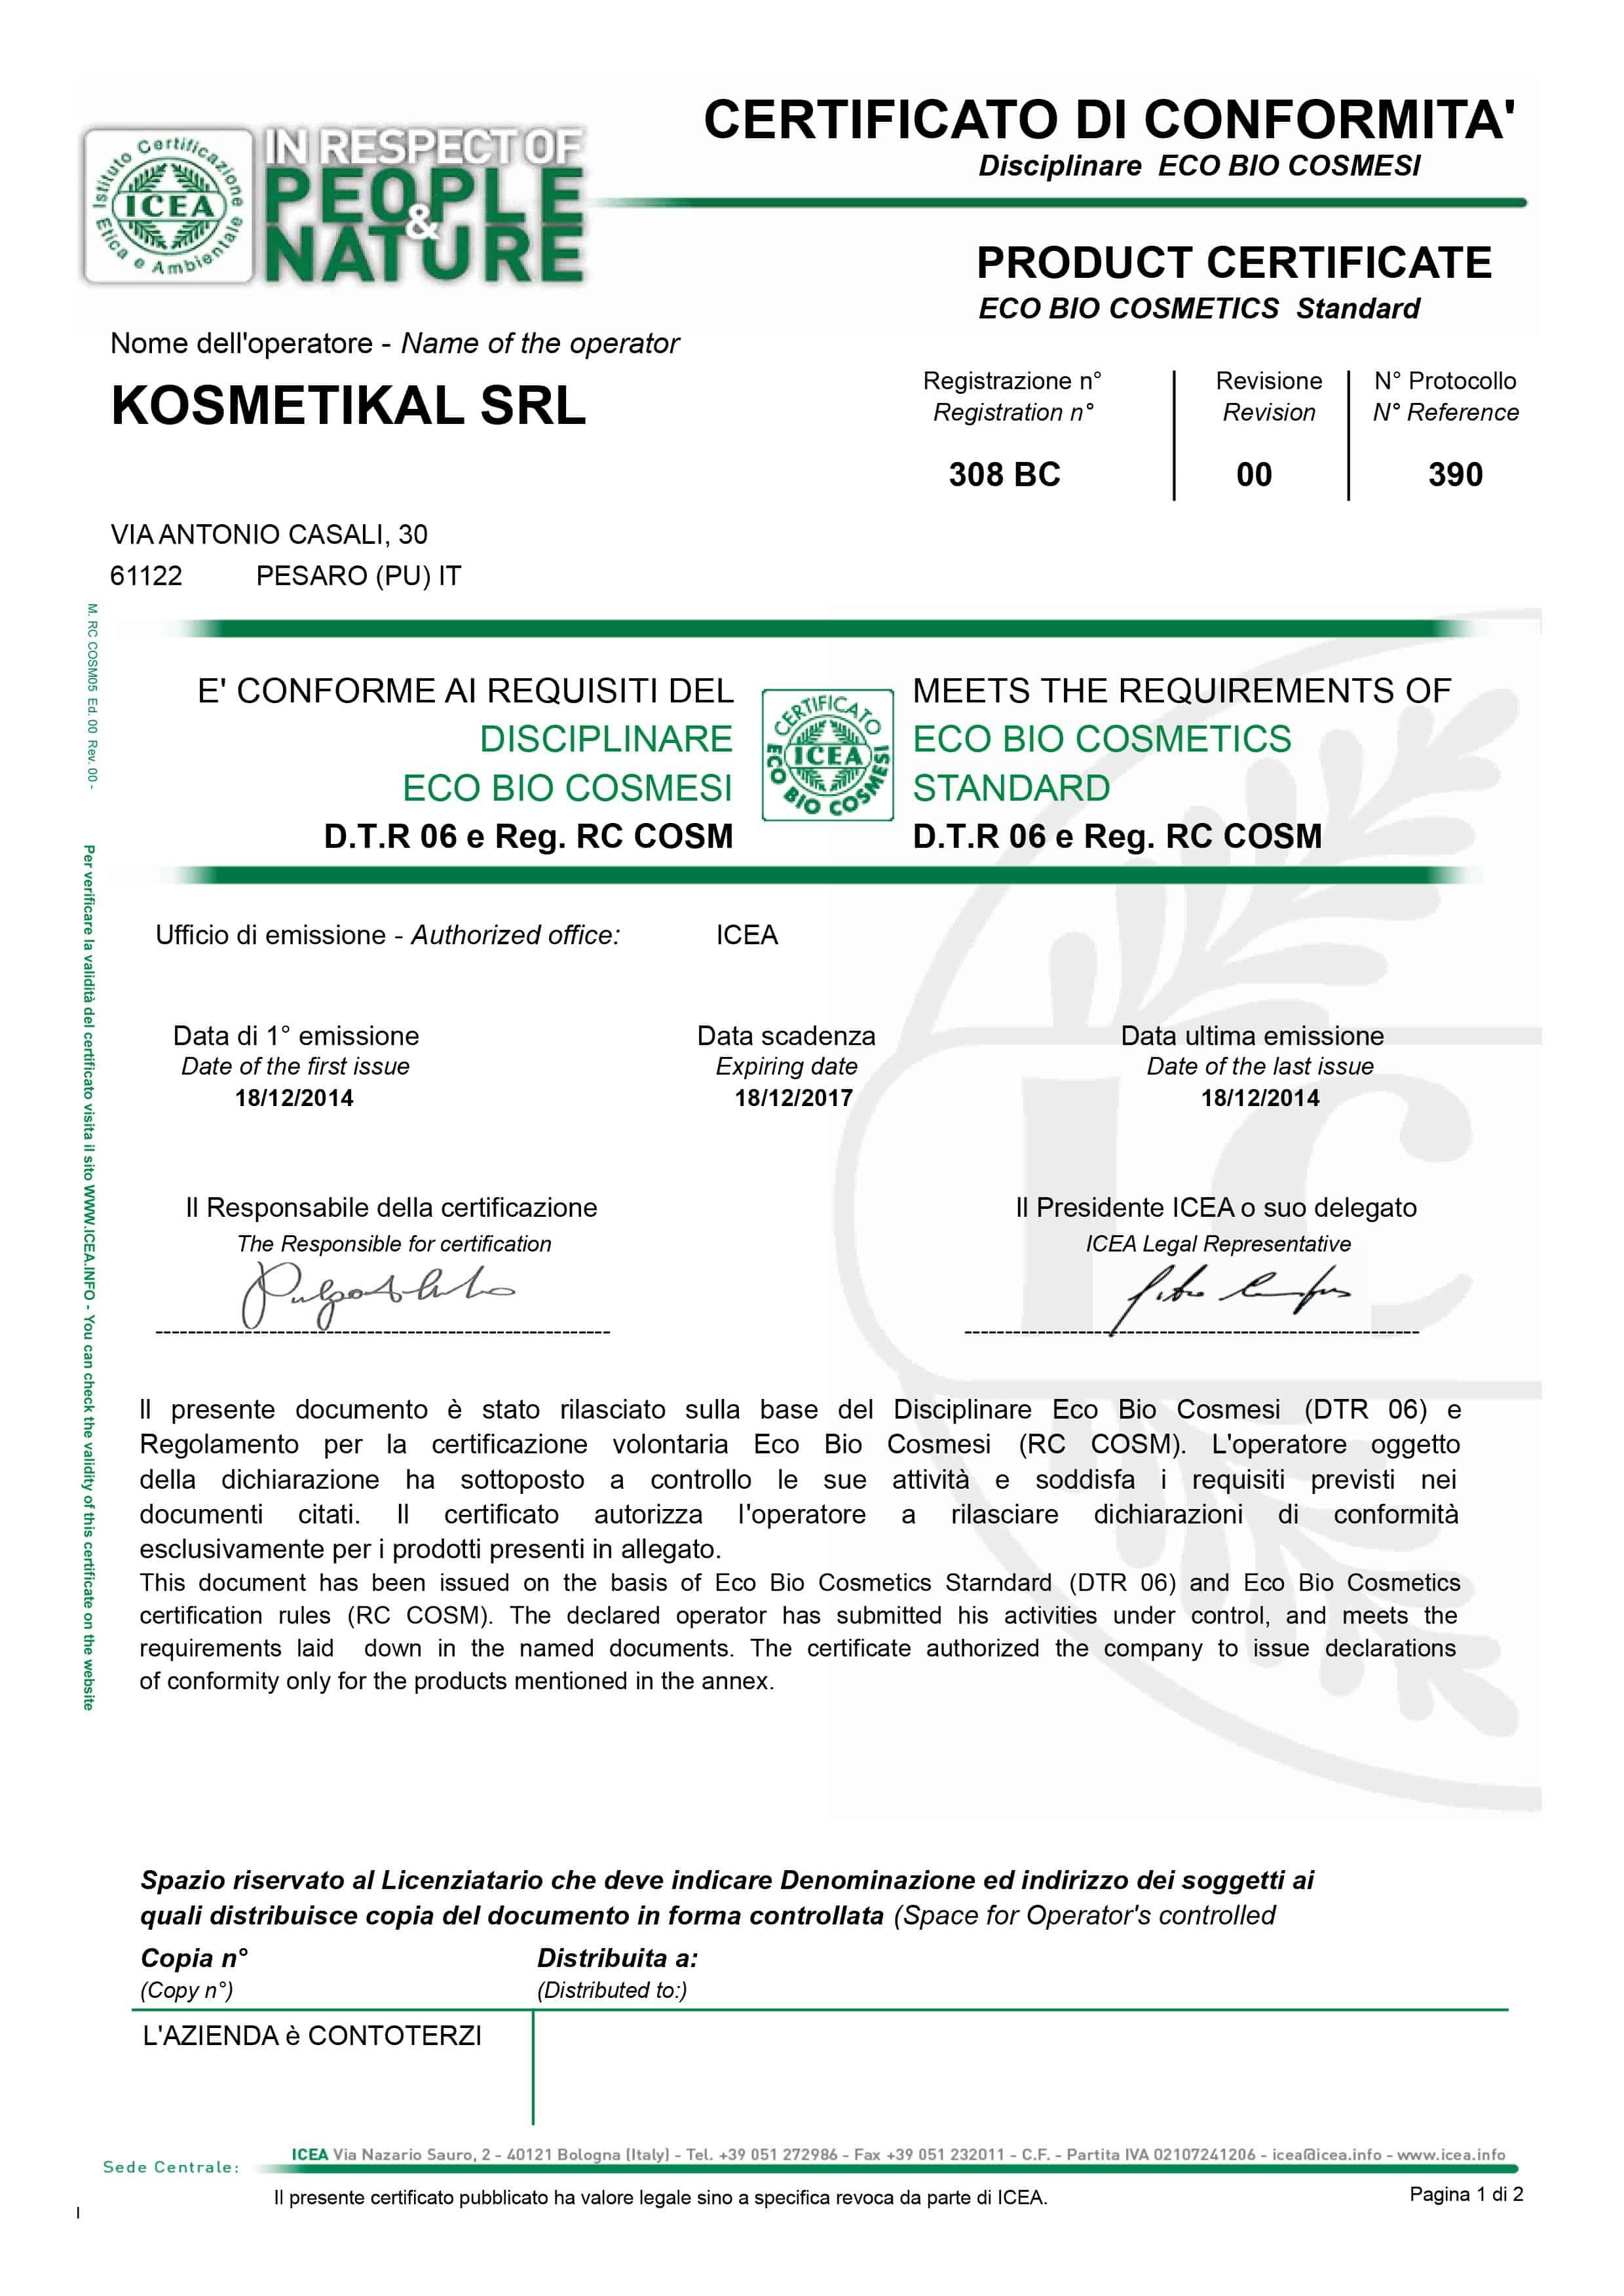 Kosmetikal ottiene il certificato da ICEA il certificato ECO BIO COSMESI